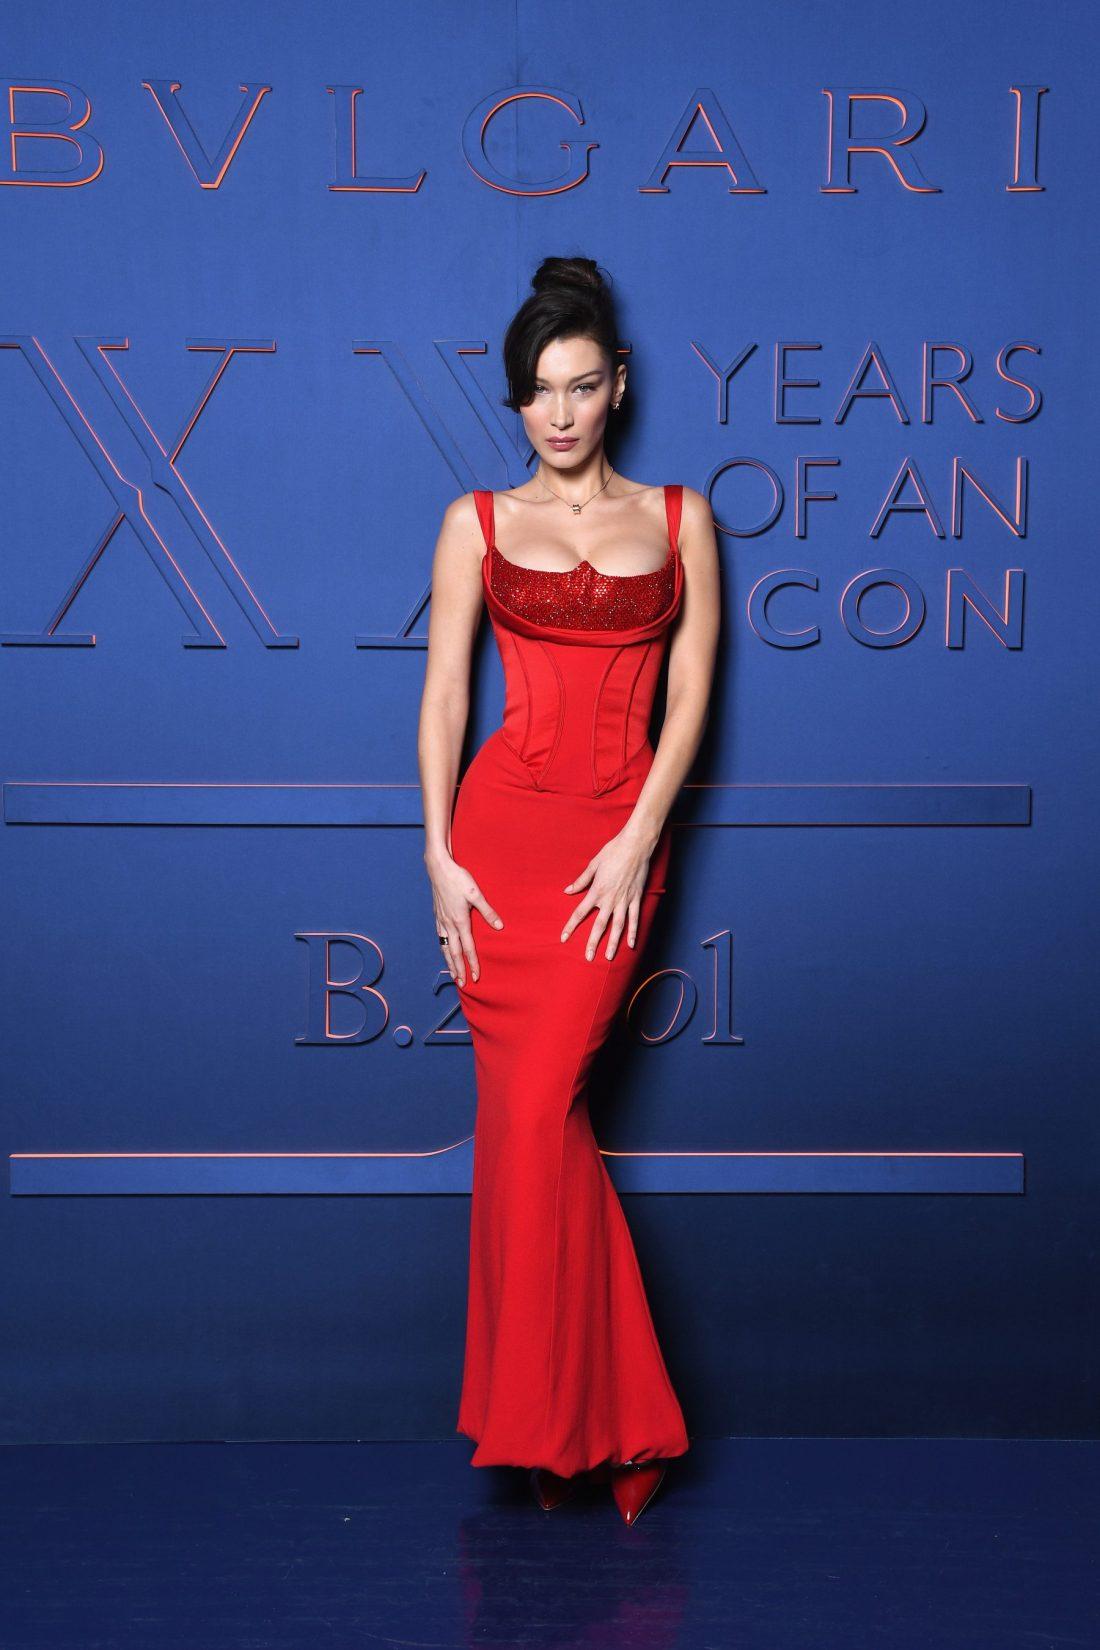 Bella Hadid en el evento de aniversario de B.ZERO1 de Bvlgari con un vestido rojo